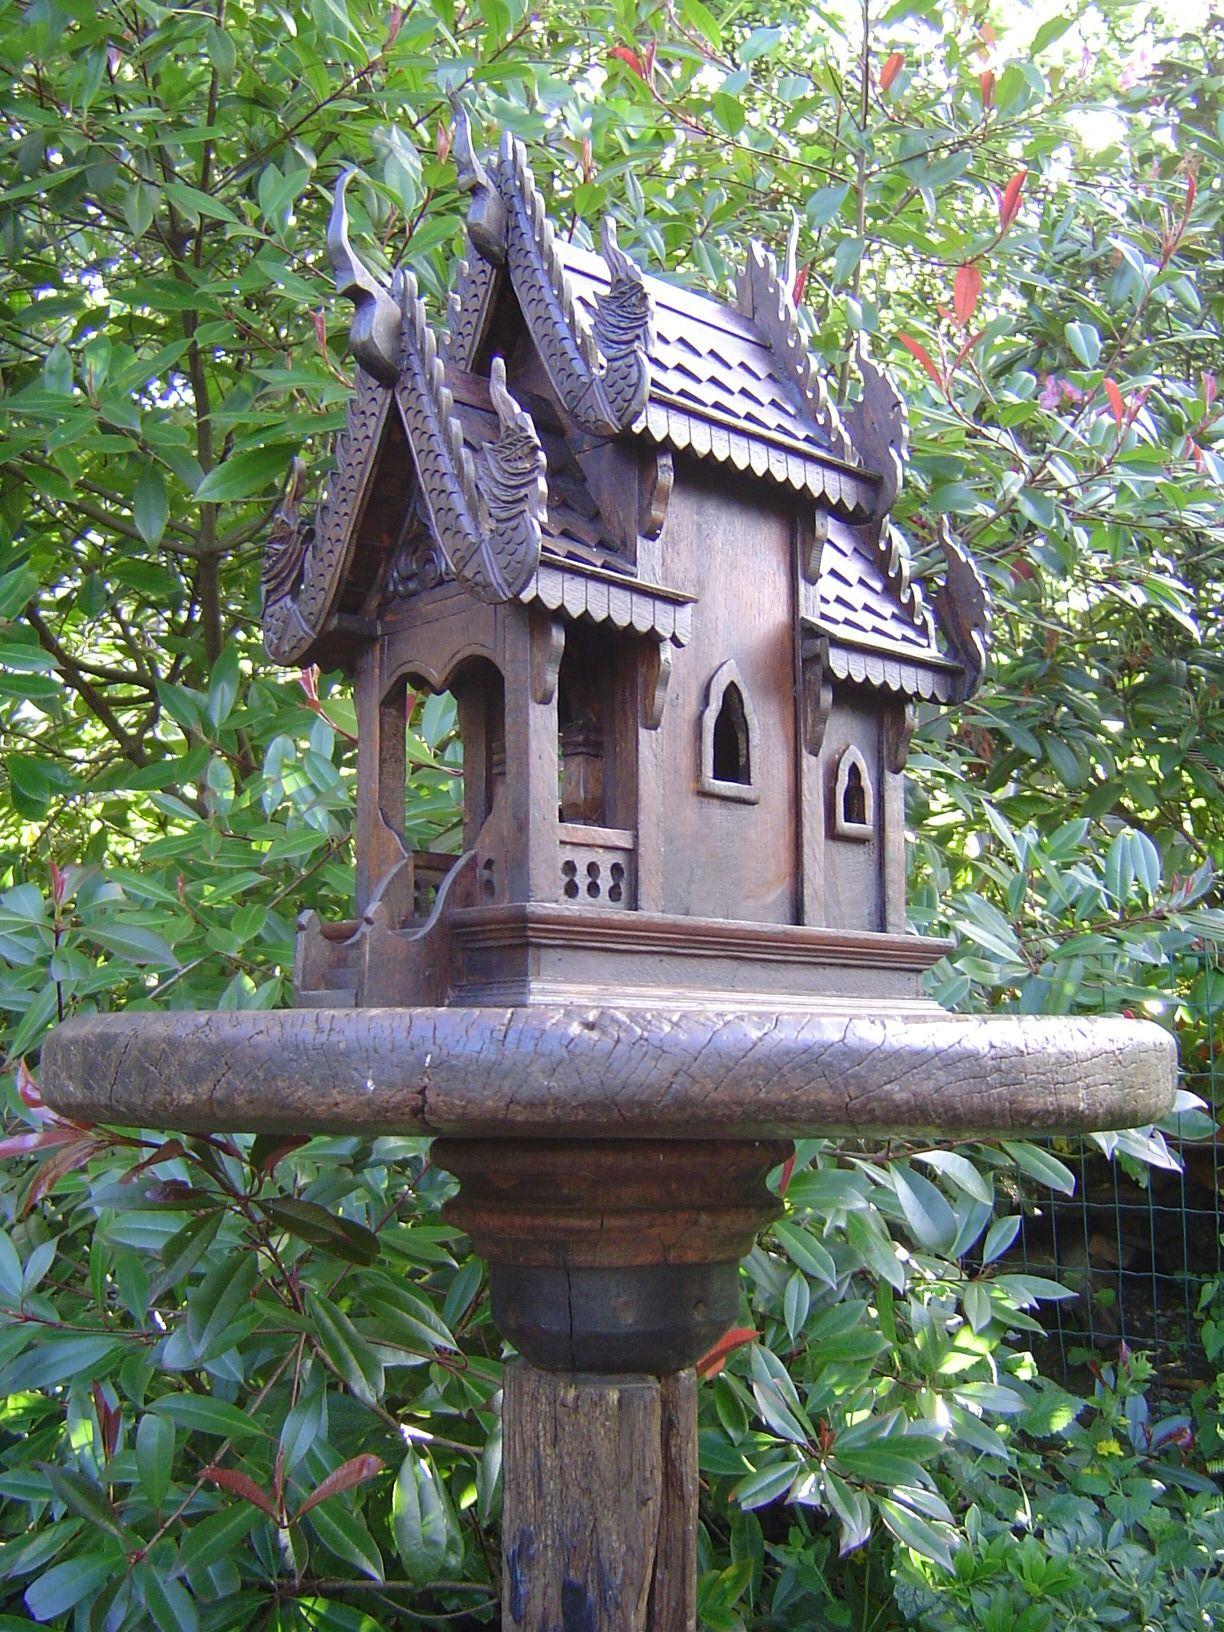 Spirit house in the garden | Spirit Houses | Pinterest | Gardens ...